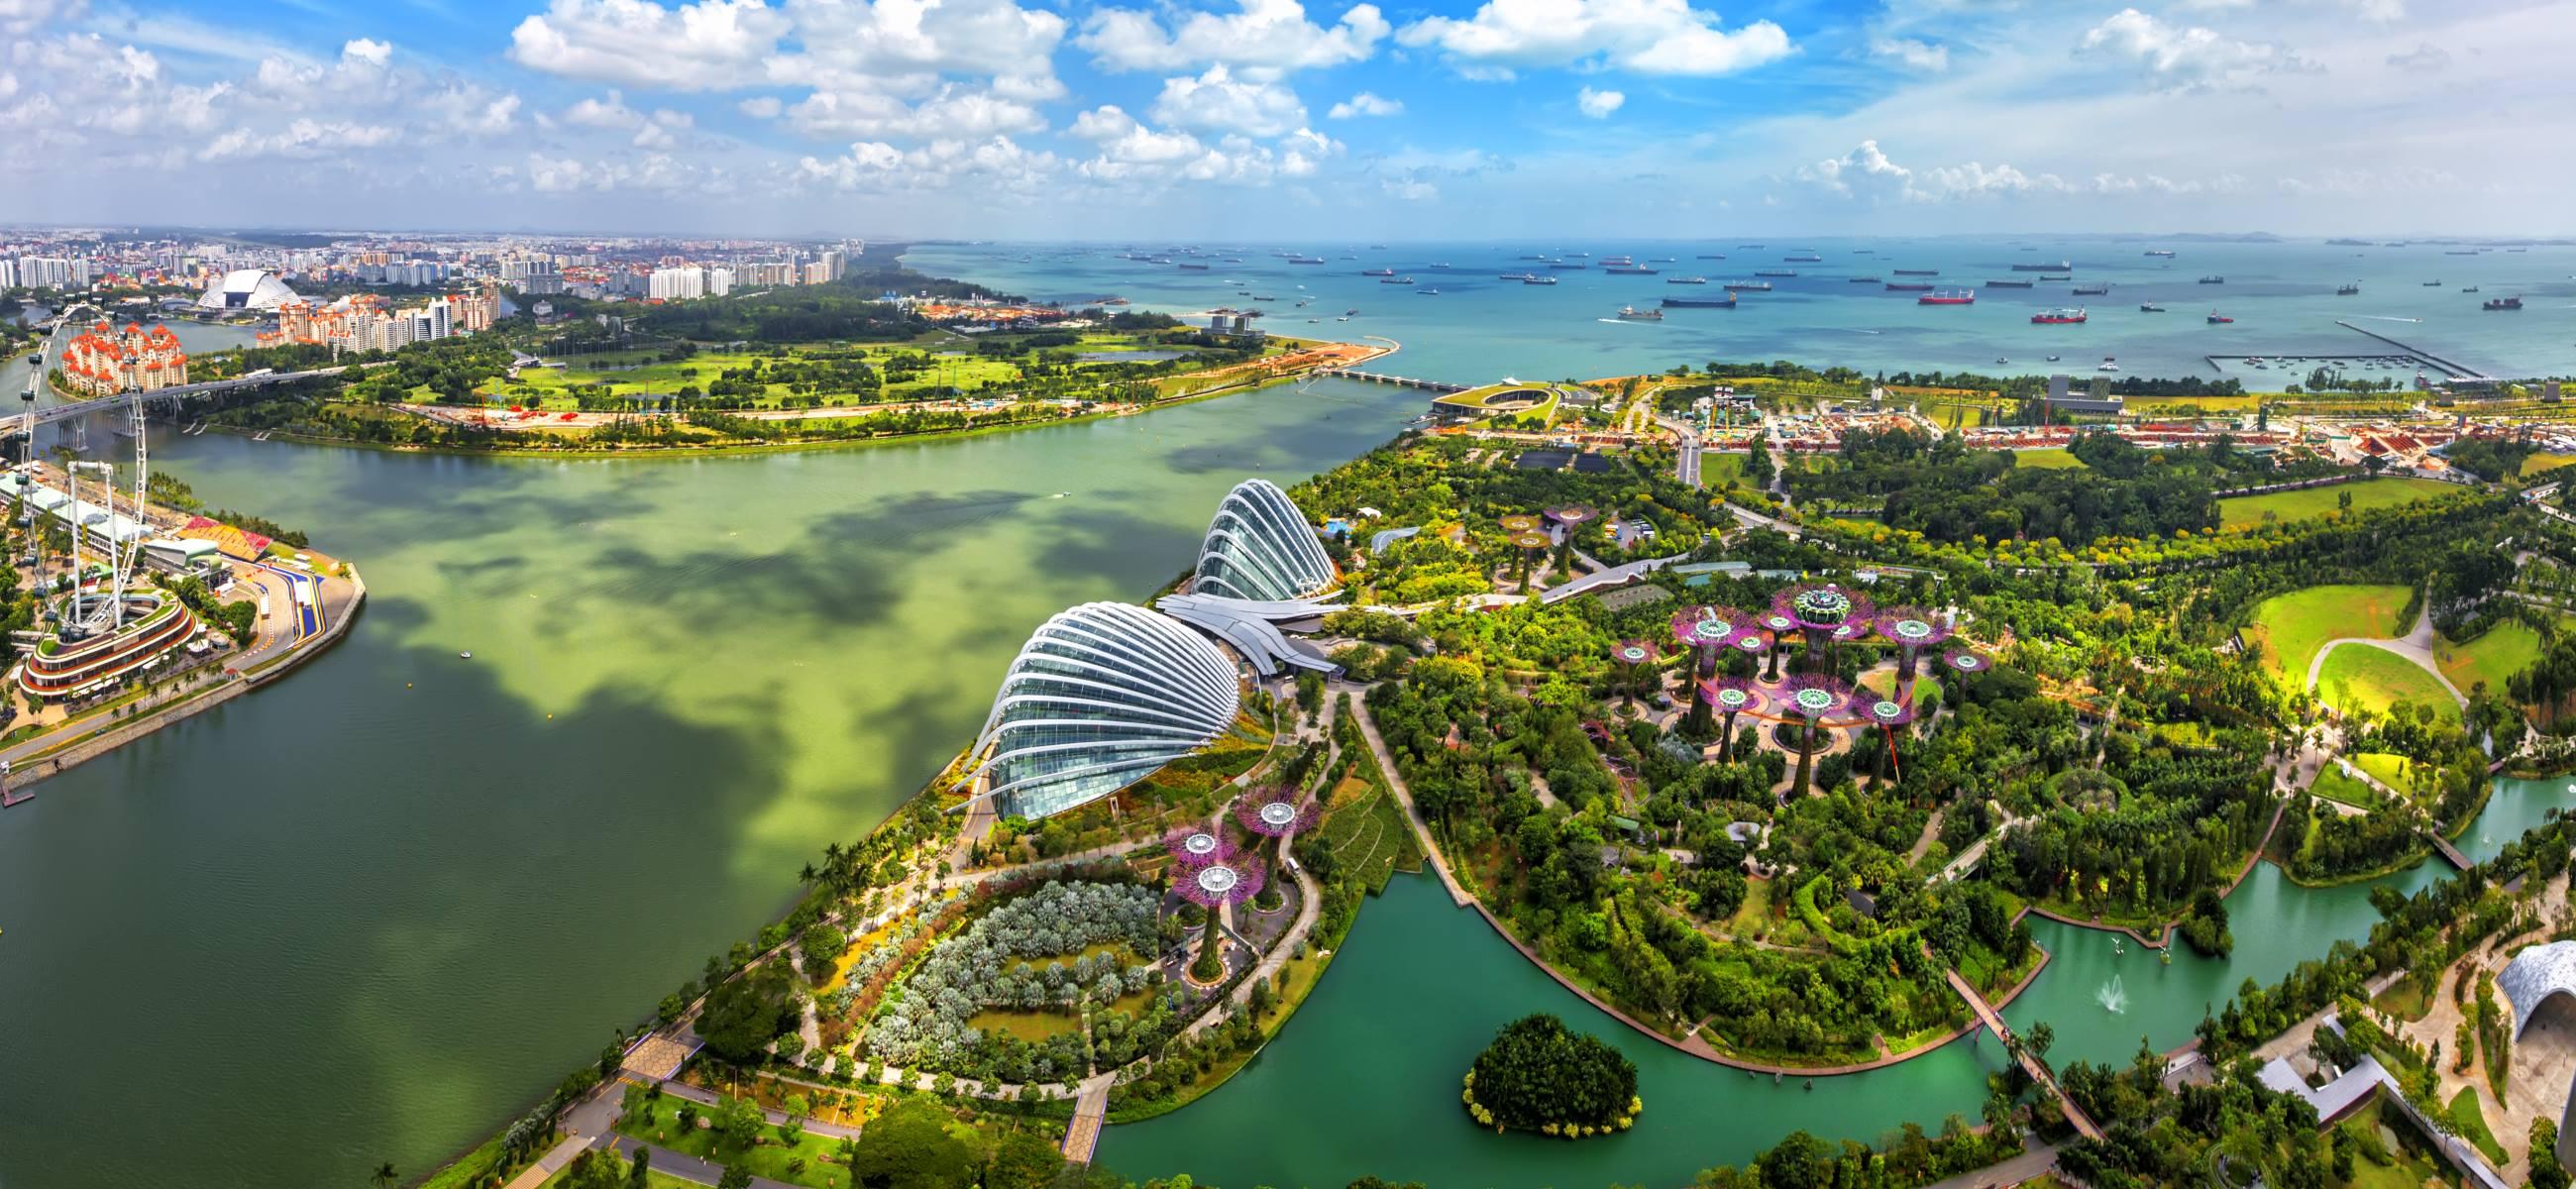 TOP-SEHENSWÜRDIGKEITEN-IN-SINGAPUR